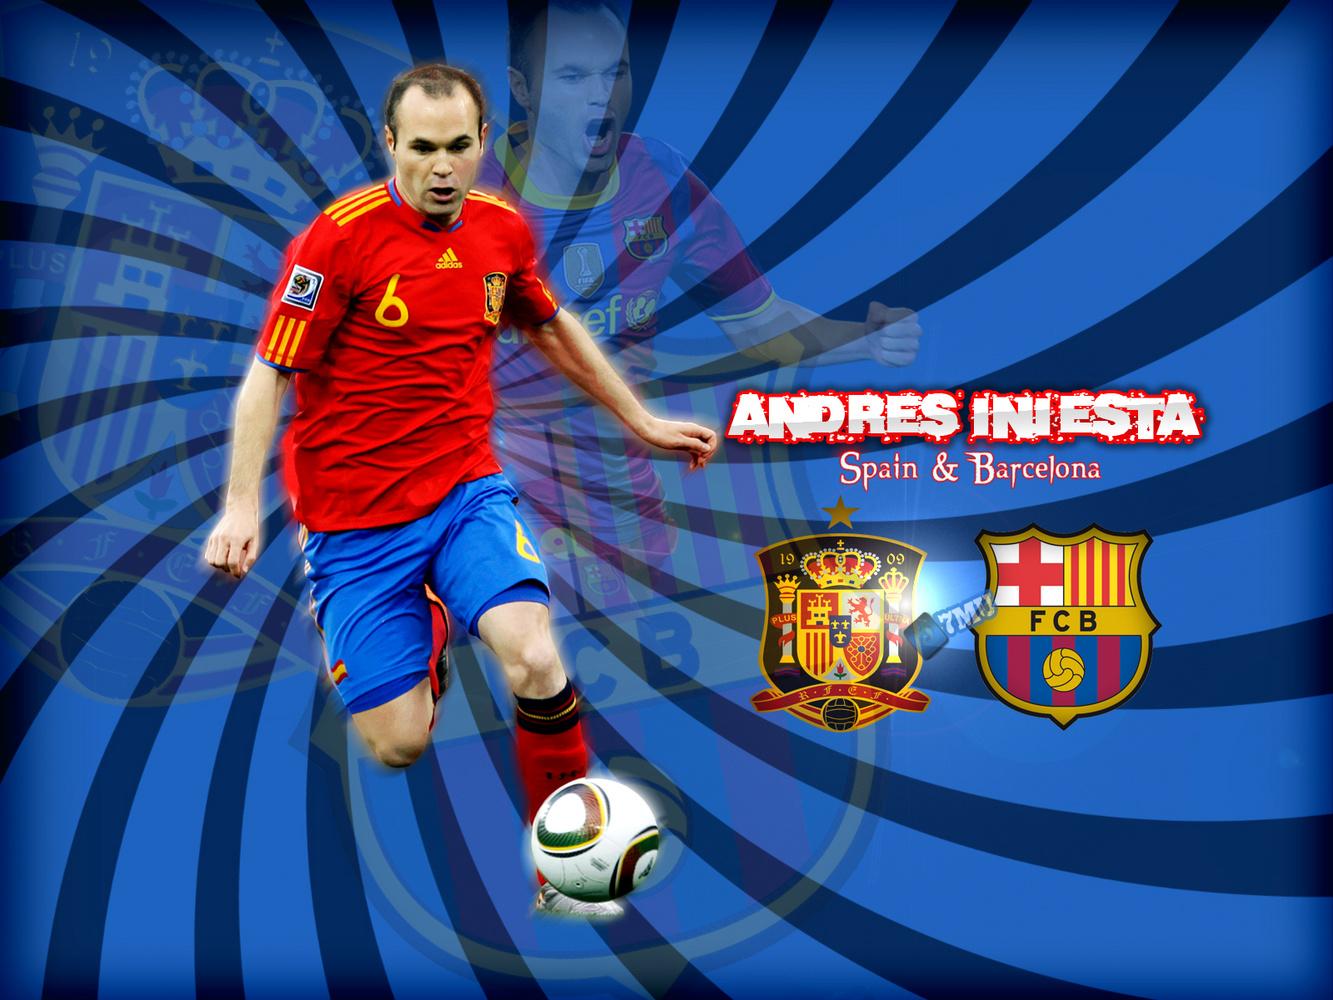 http://1.bp.blogspot.com/-9CGh_gtnw3g/T3X1SXLINKI/AAAAAAAAA20/roAft-w3RNc/s1600/Andres-Iniesta-wallpaper-Barcelona%252BSpain-2012.jpg